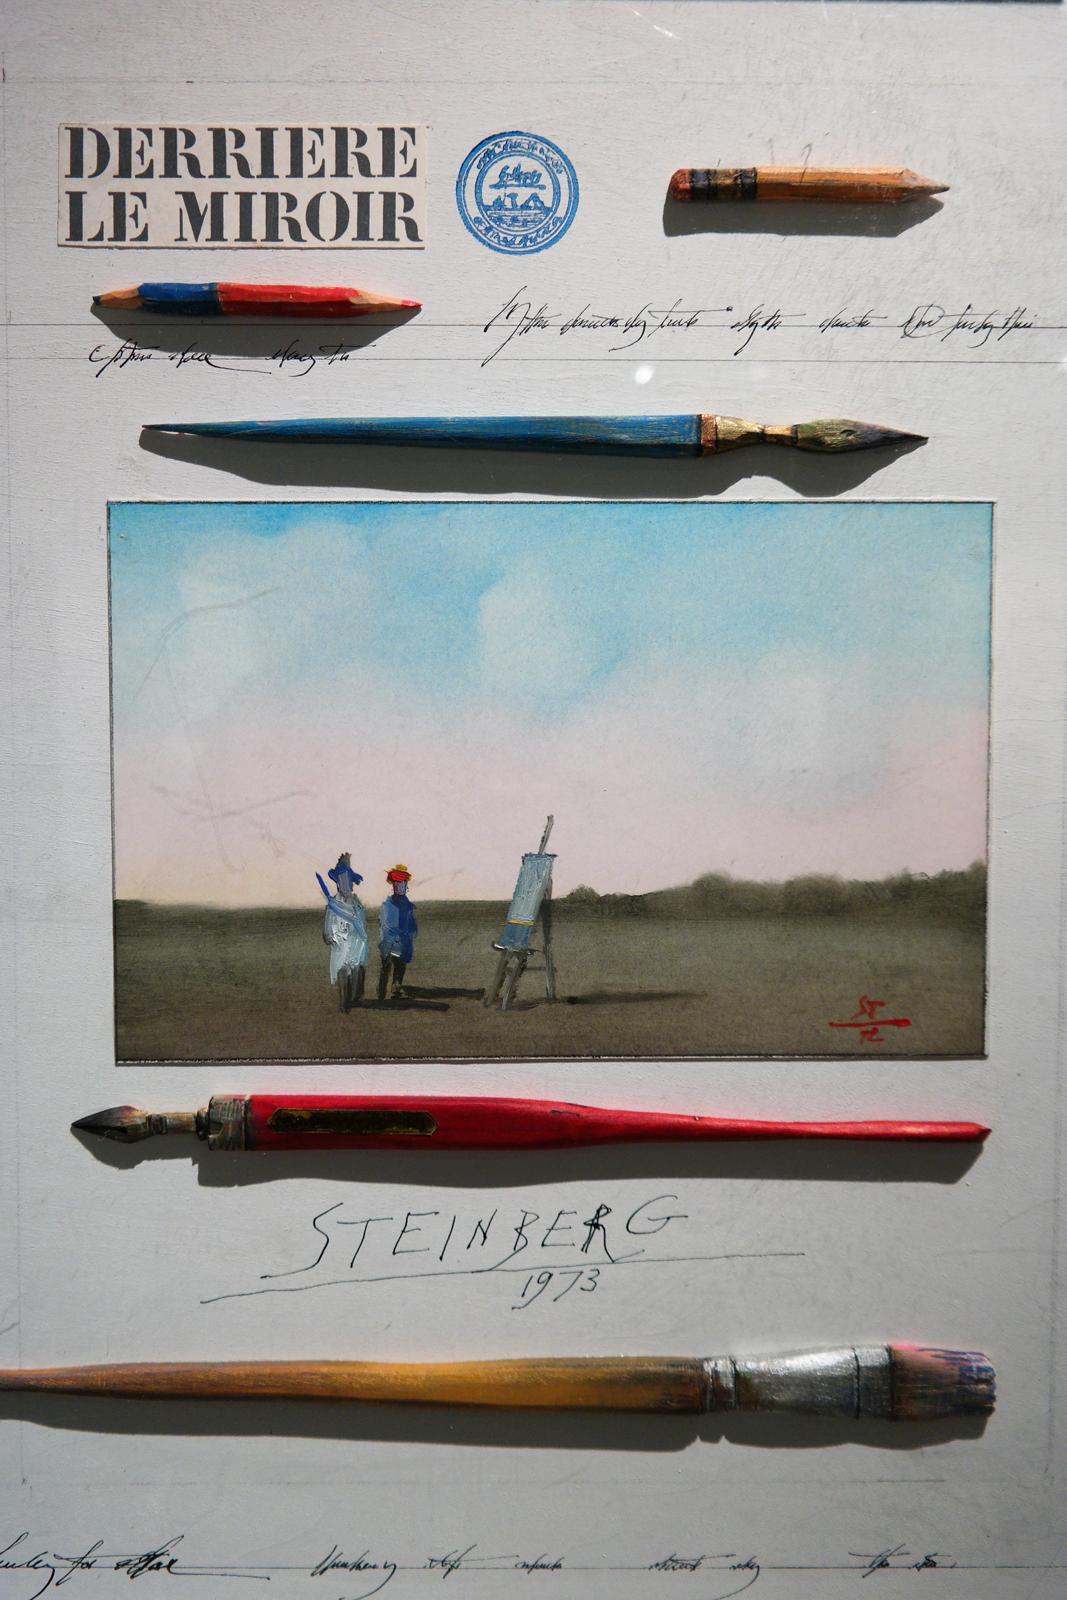 Derrière le miroir cover, 1973, Paul Steinberg, collection Jules Maeght, Isabelle Maeght et Adrien Maeght